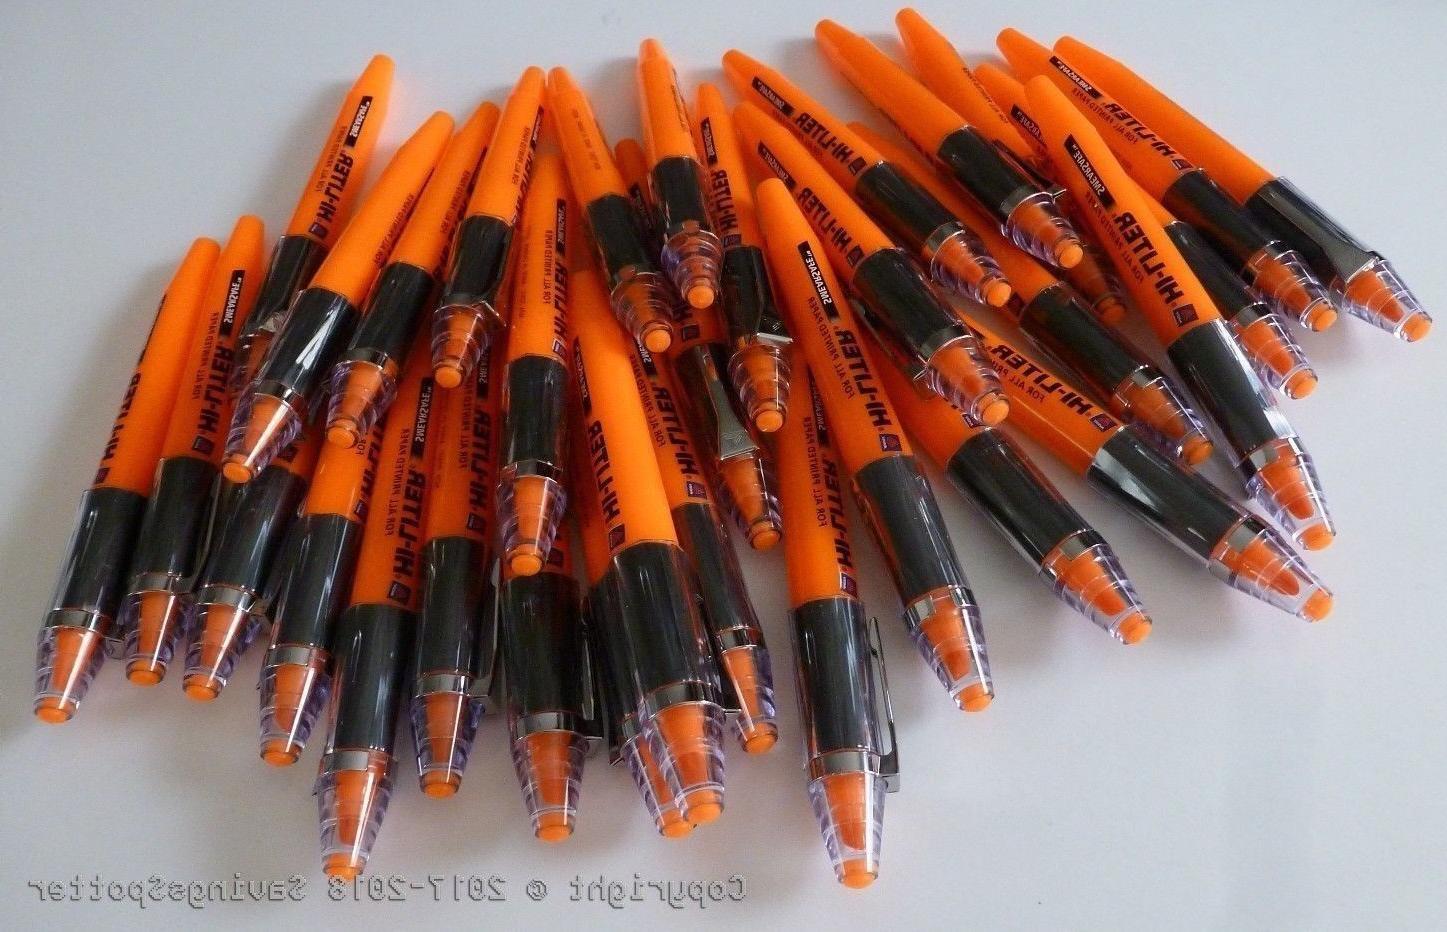 lot of 32 smearsafe hi liters highlighters